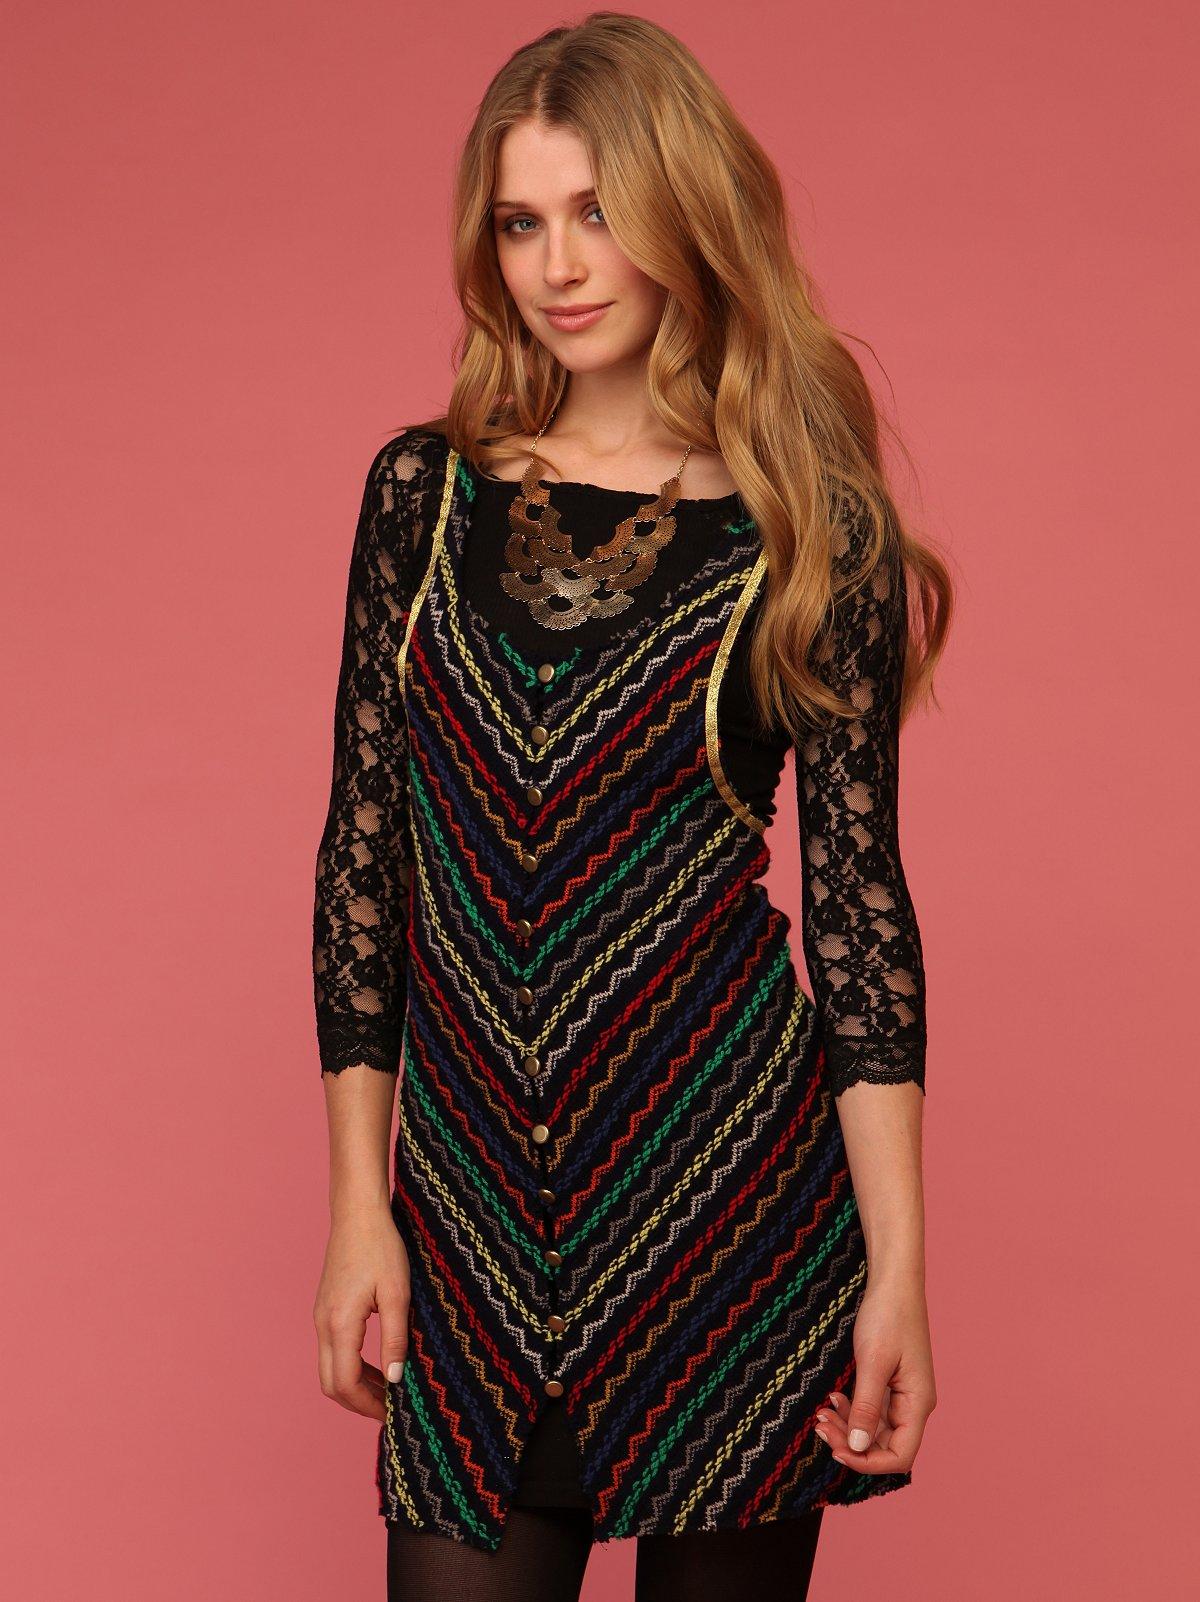 Zig Zag Sweater Dress